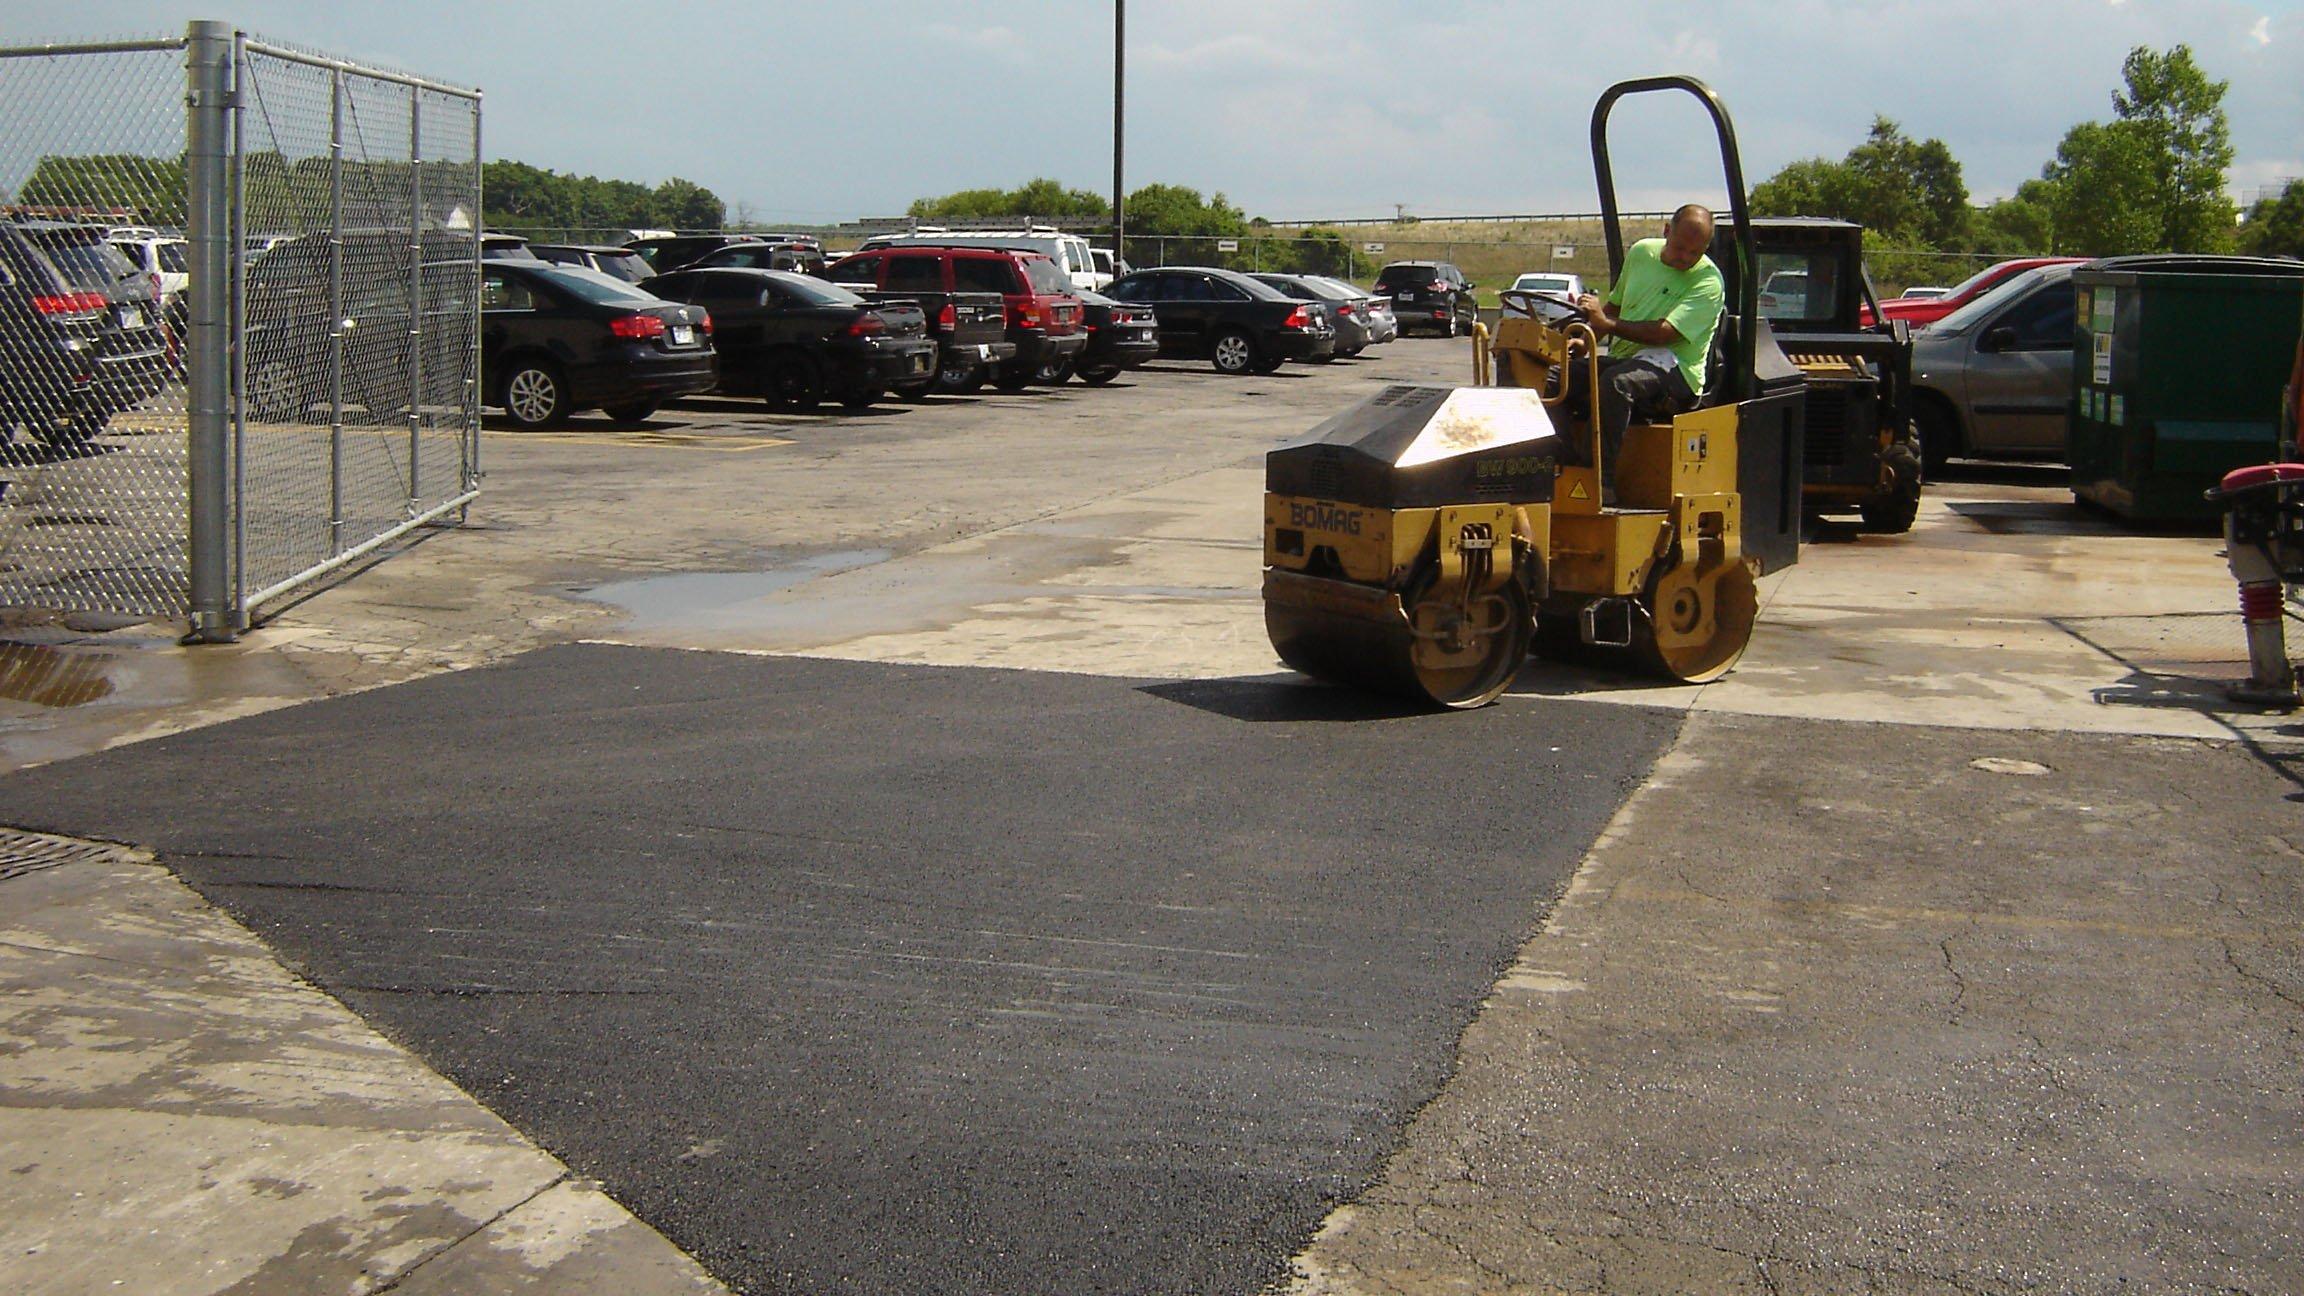 Dublin CPS, Inc. finishing an asphalt repair job in an Ohio industrial area